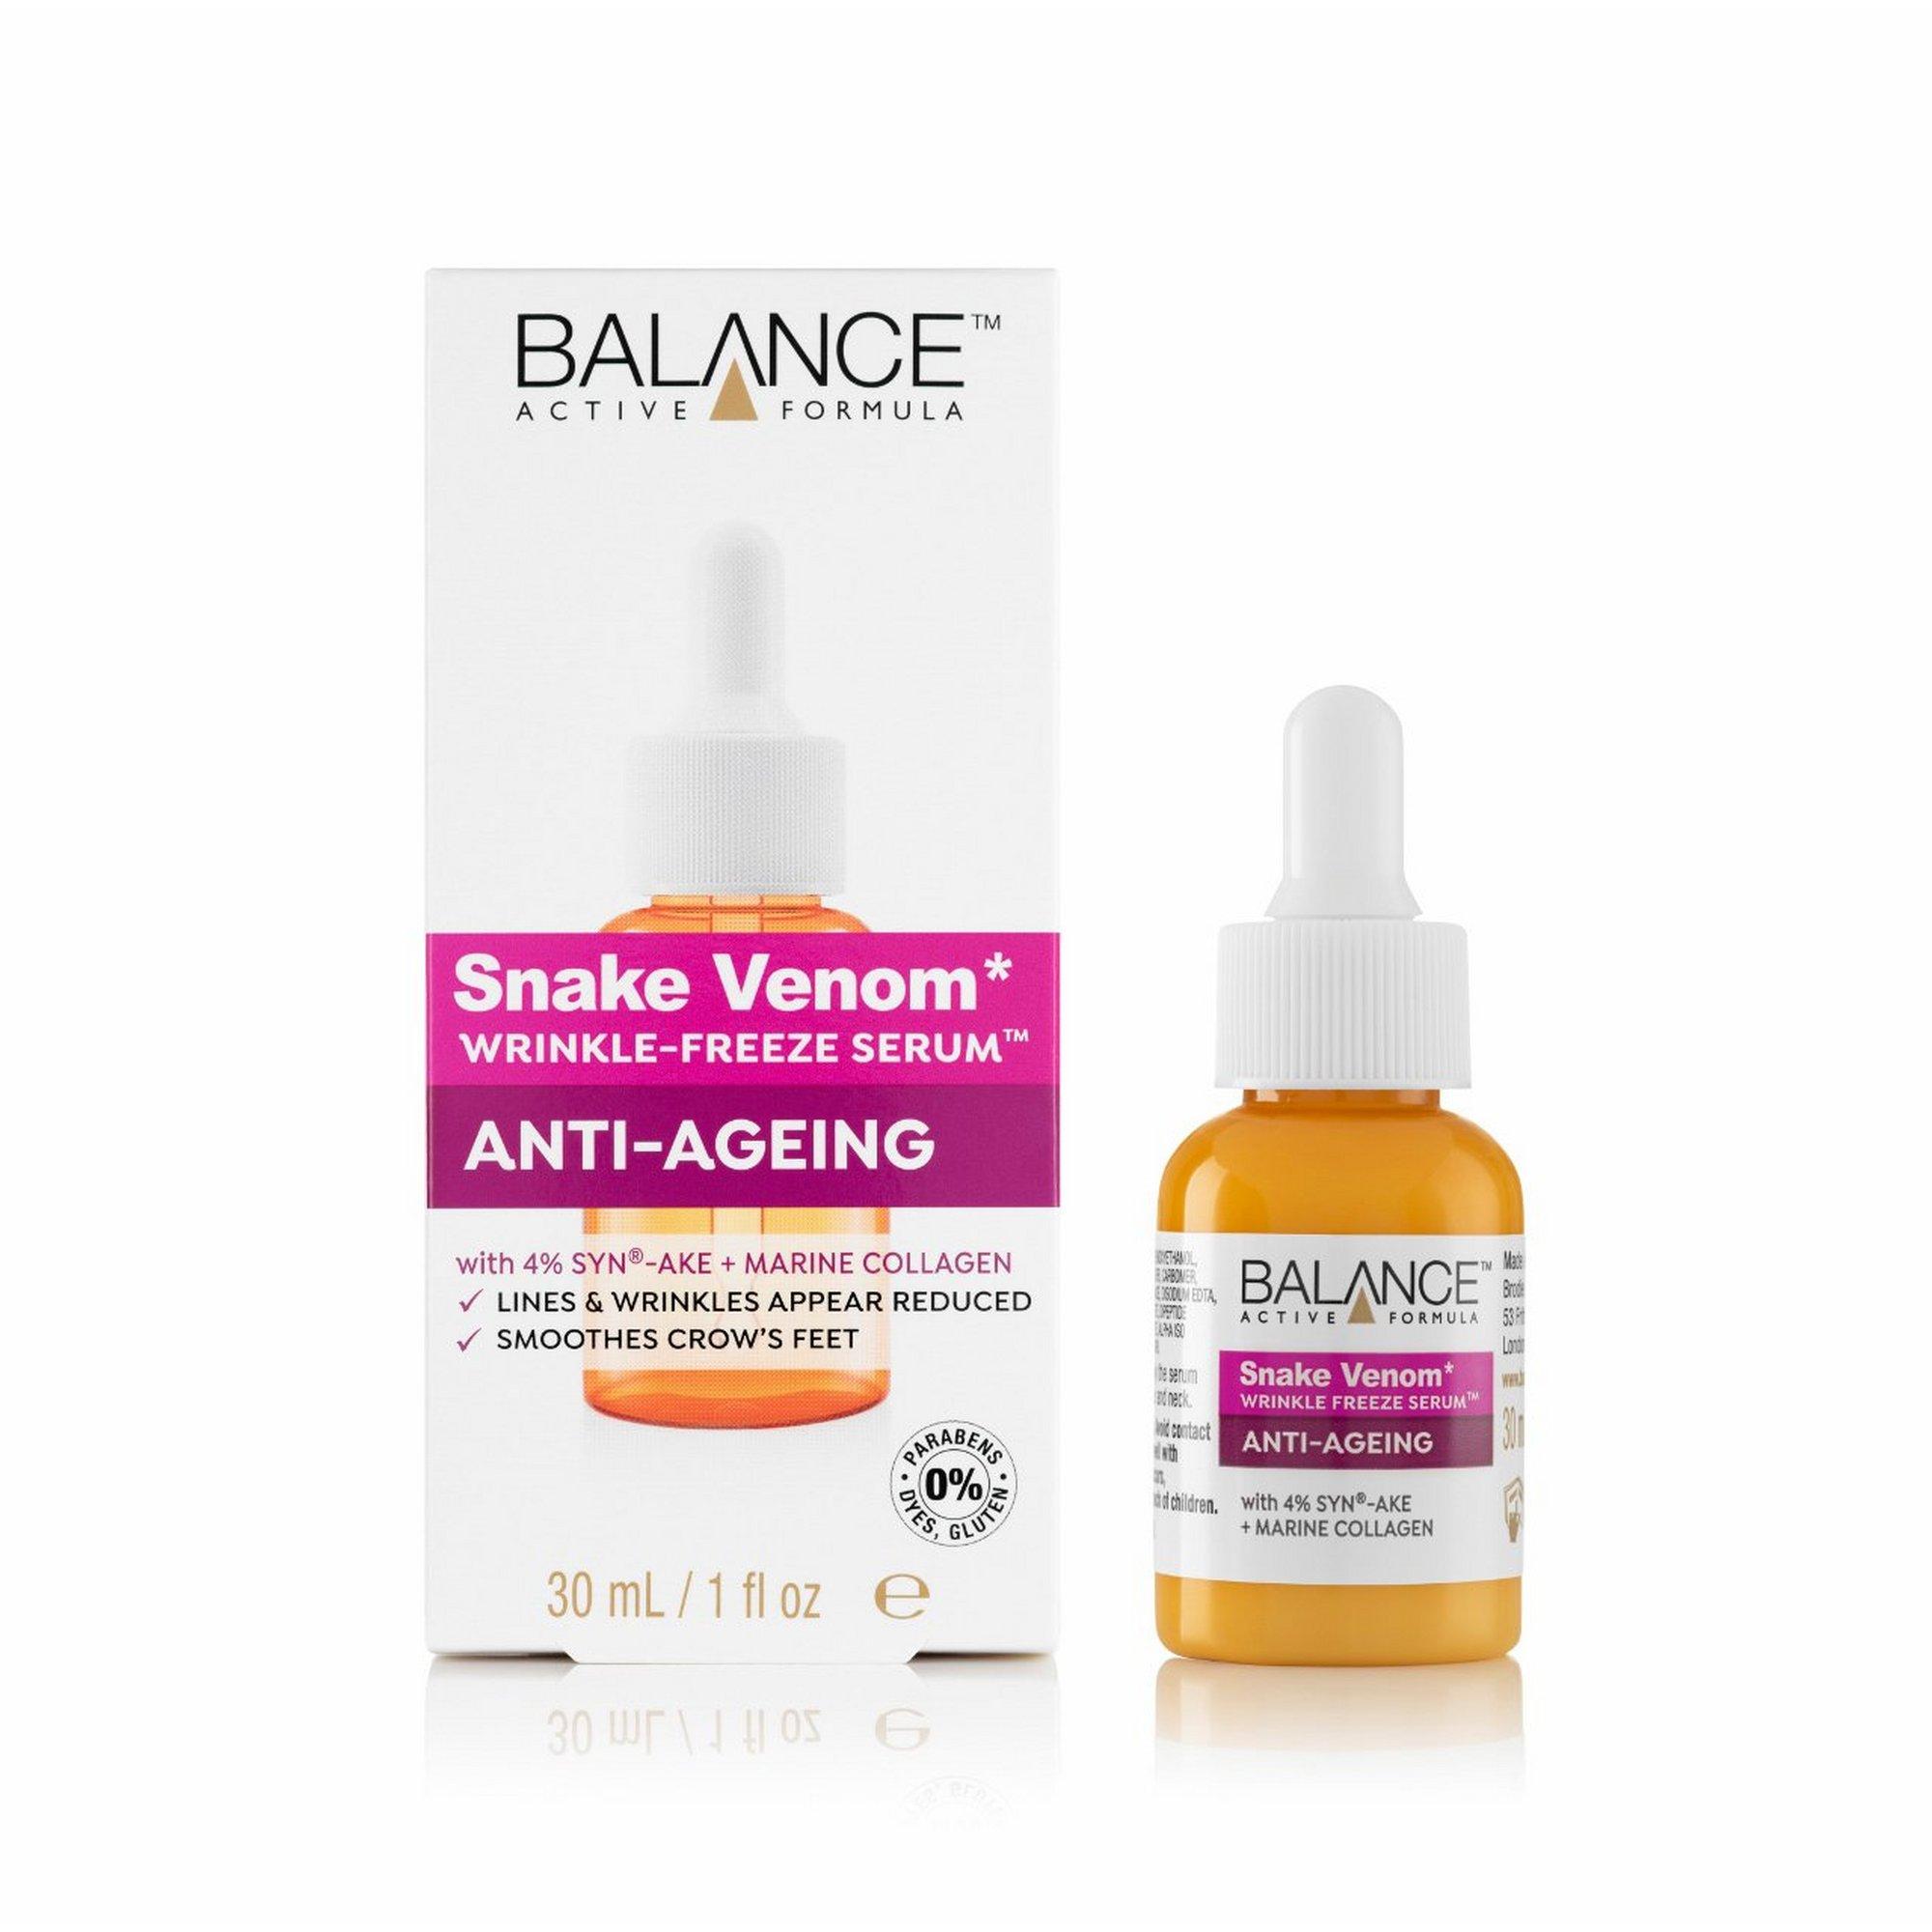 Image of Balance Wrinkle Freeze Serum